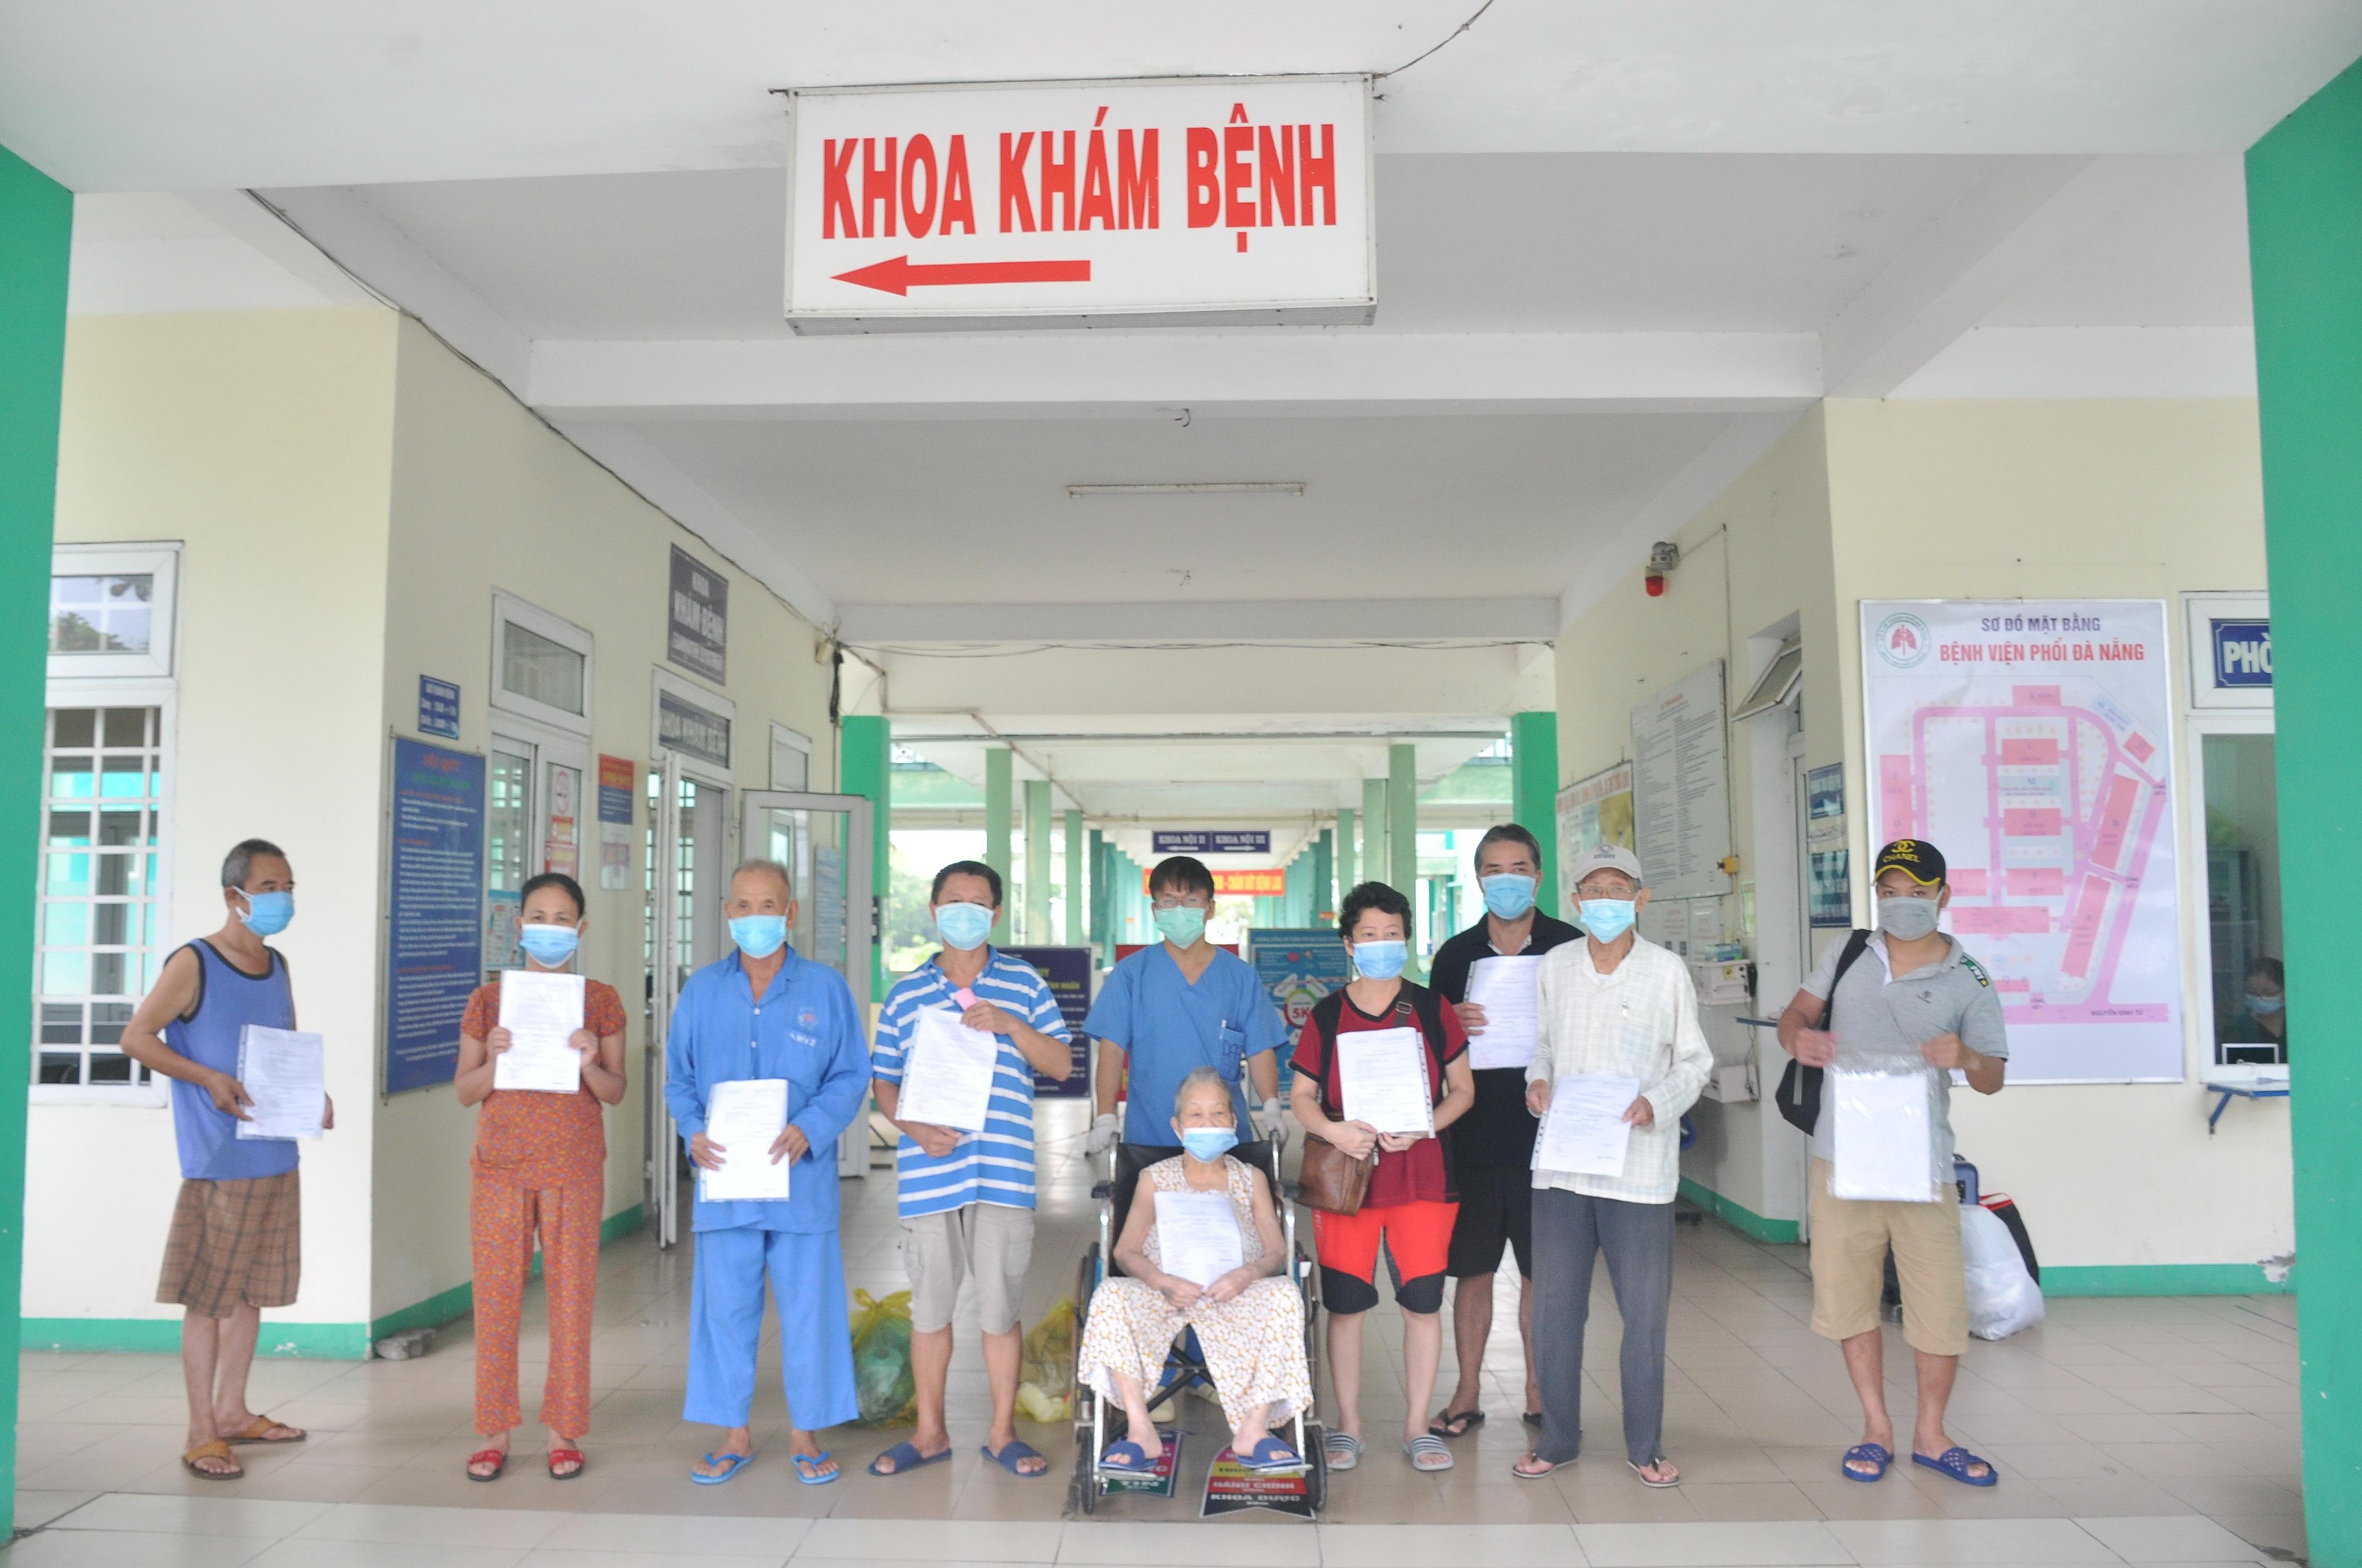 Nhiều bệnh nhân Covid-19 cao tuổi, có bệnh nền ở Đà Nẵng được xuất viện